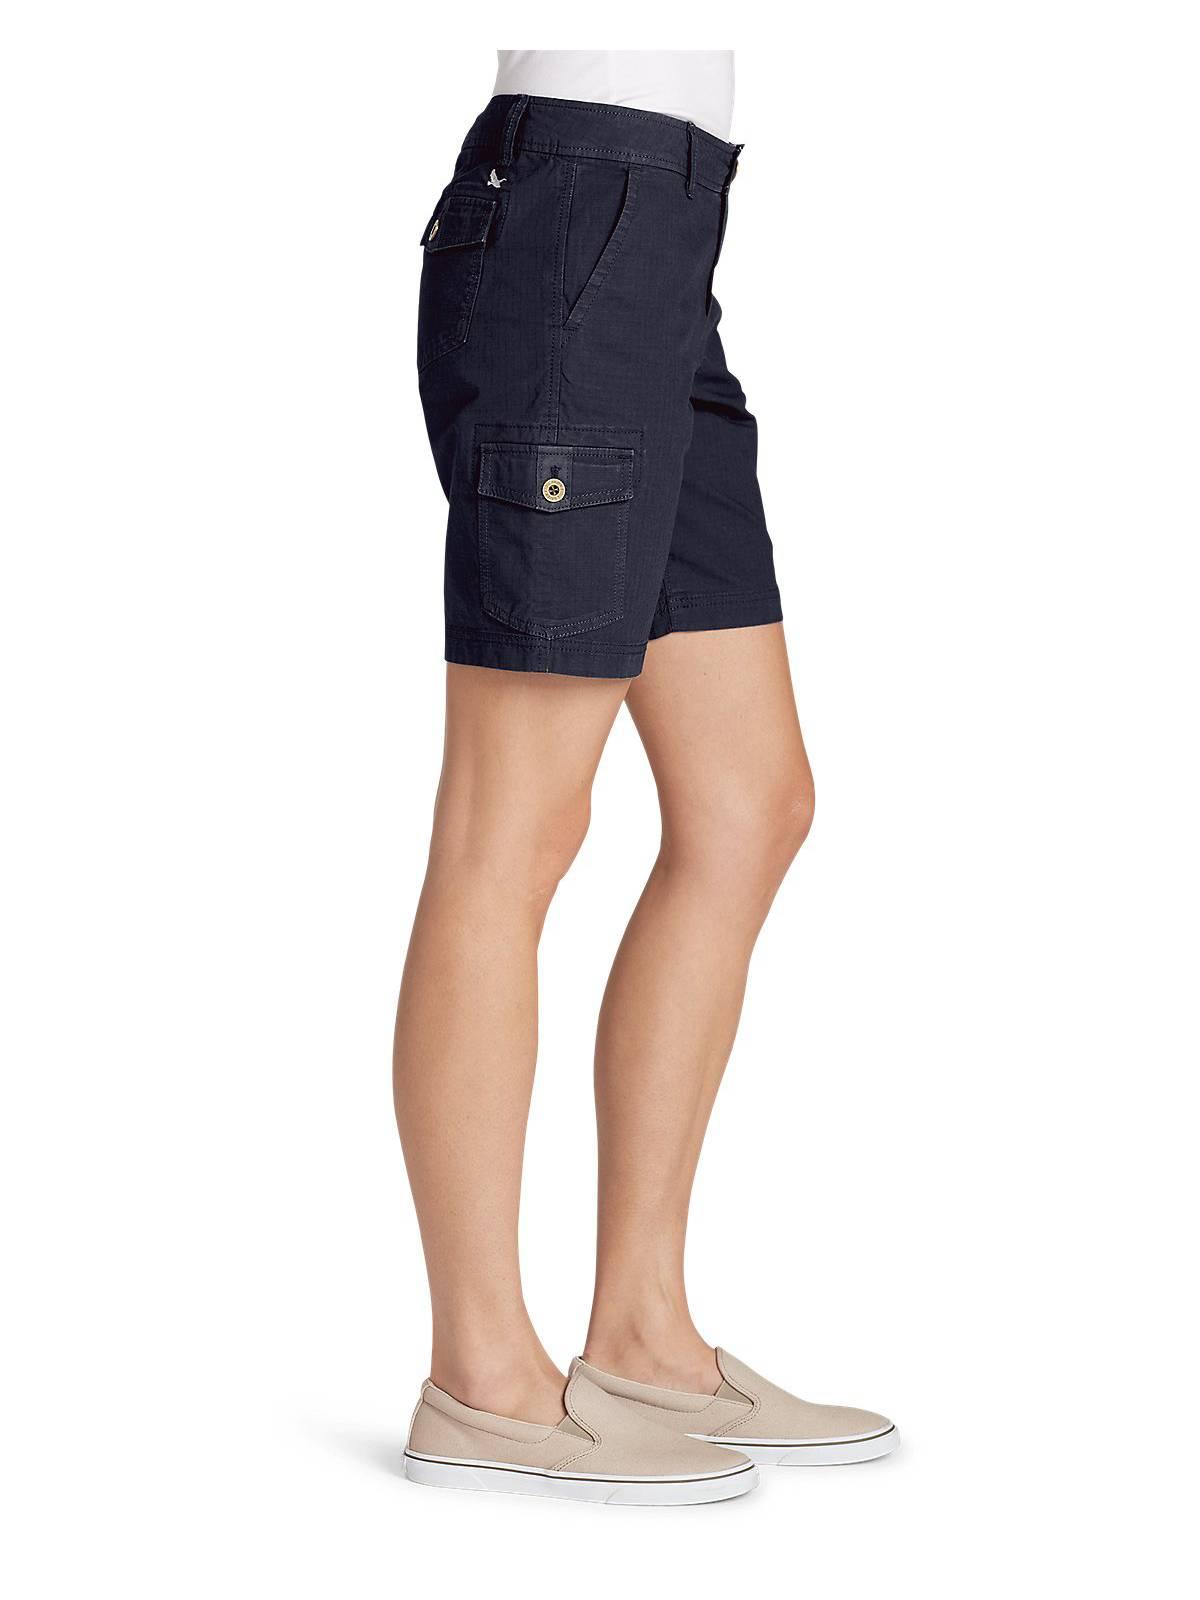 0fdbb383181 Eddie Bauer Women's Adventurer Stretch Ripstop Cargo Shorts ...